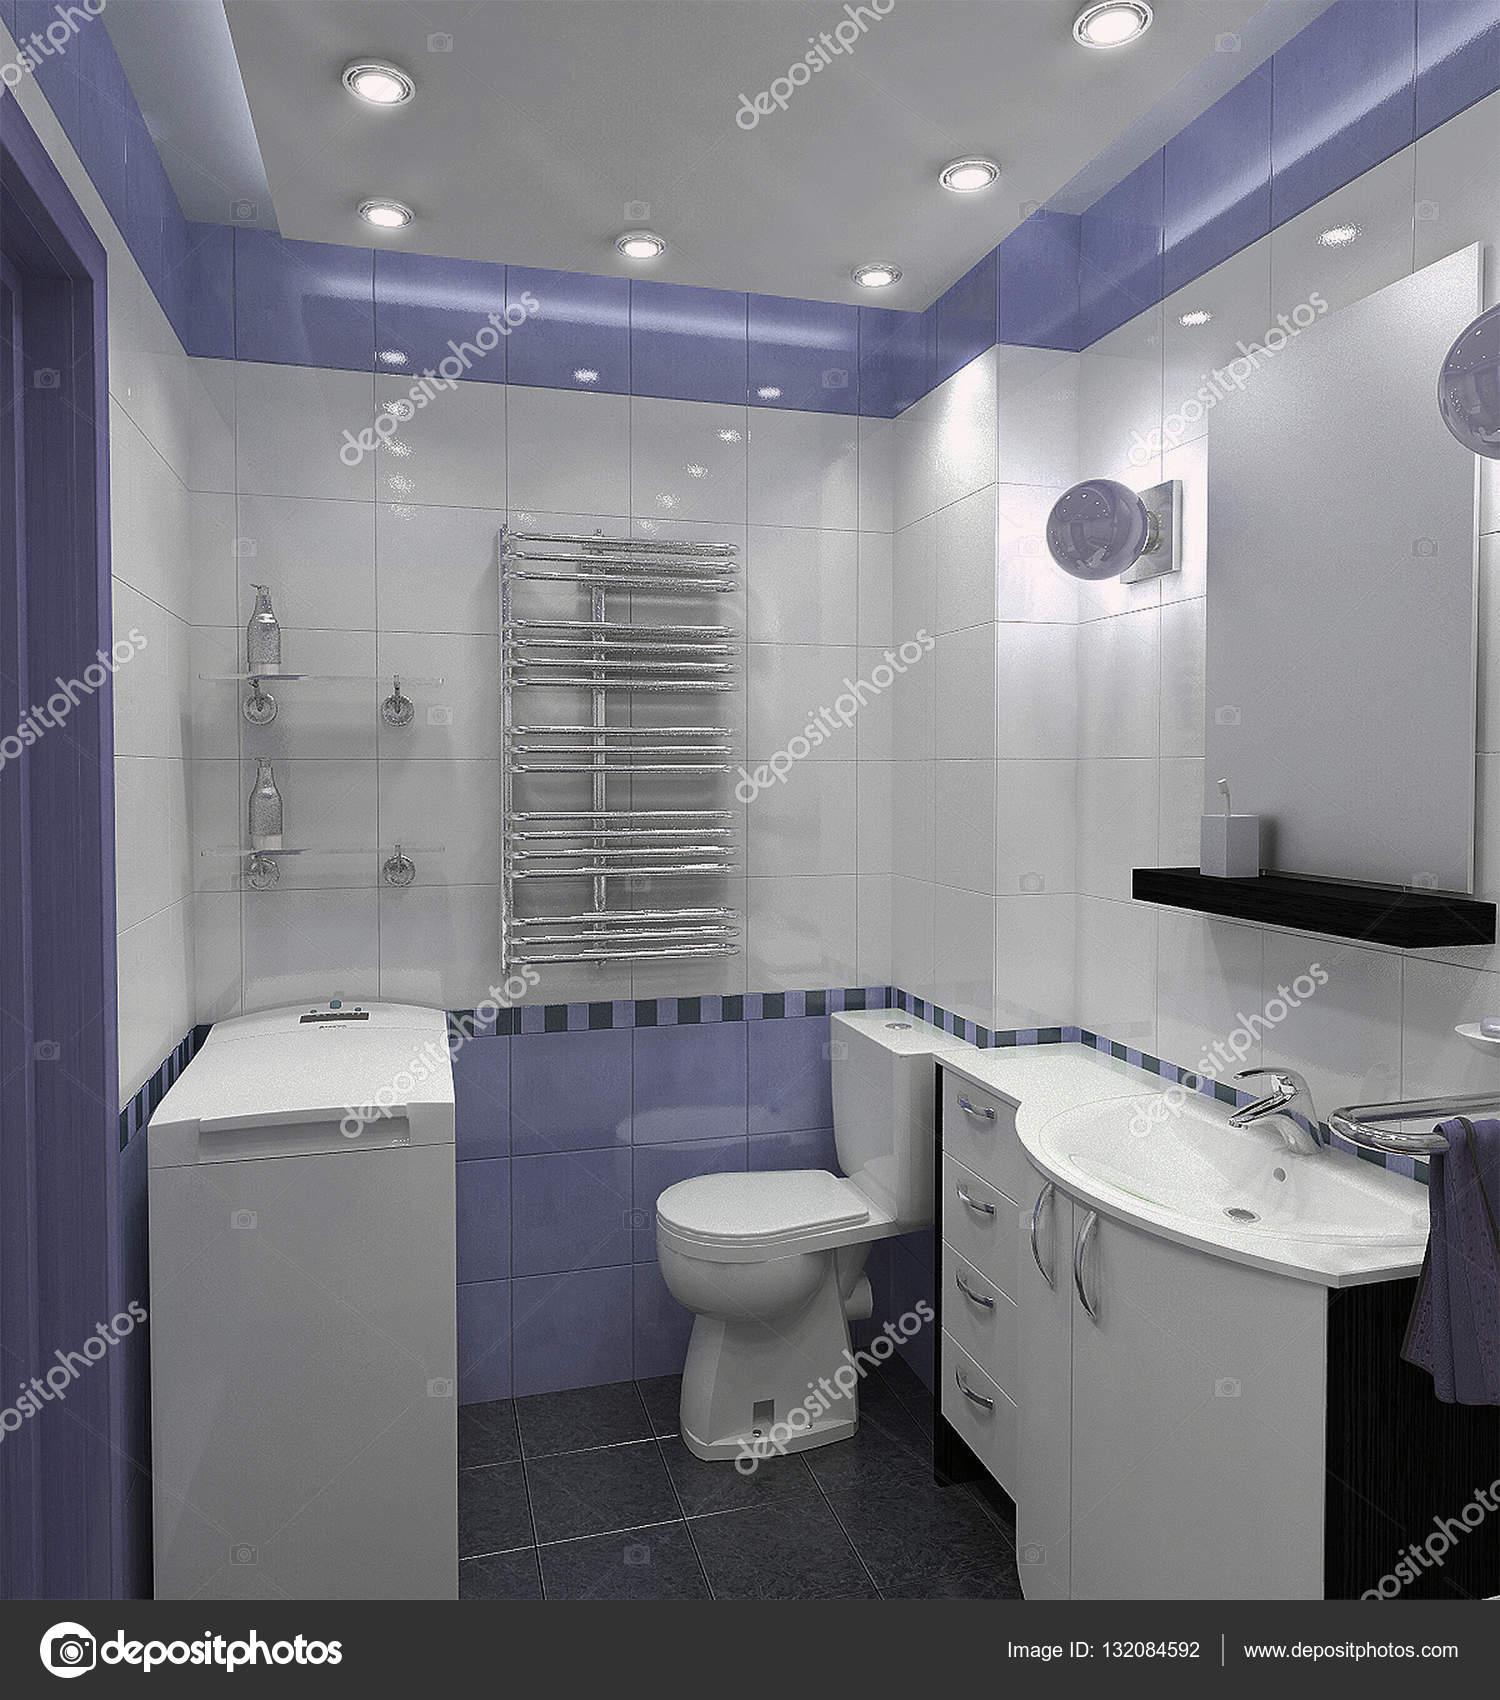 Minimalist Bathroom Images: Bathroom Minimalist Style Interior Design, Render 3D